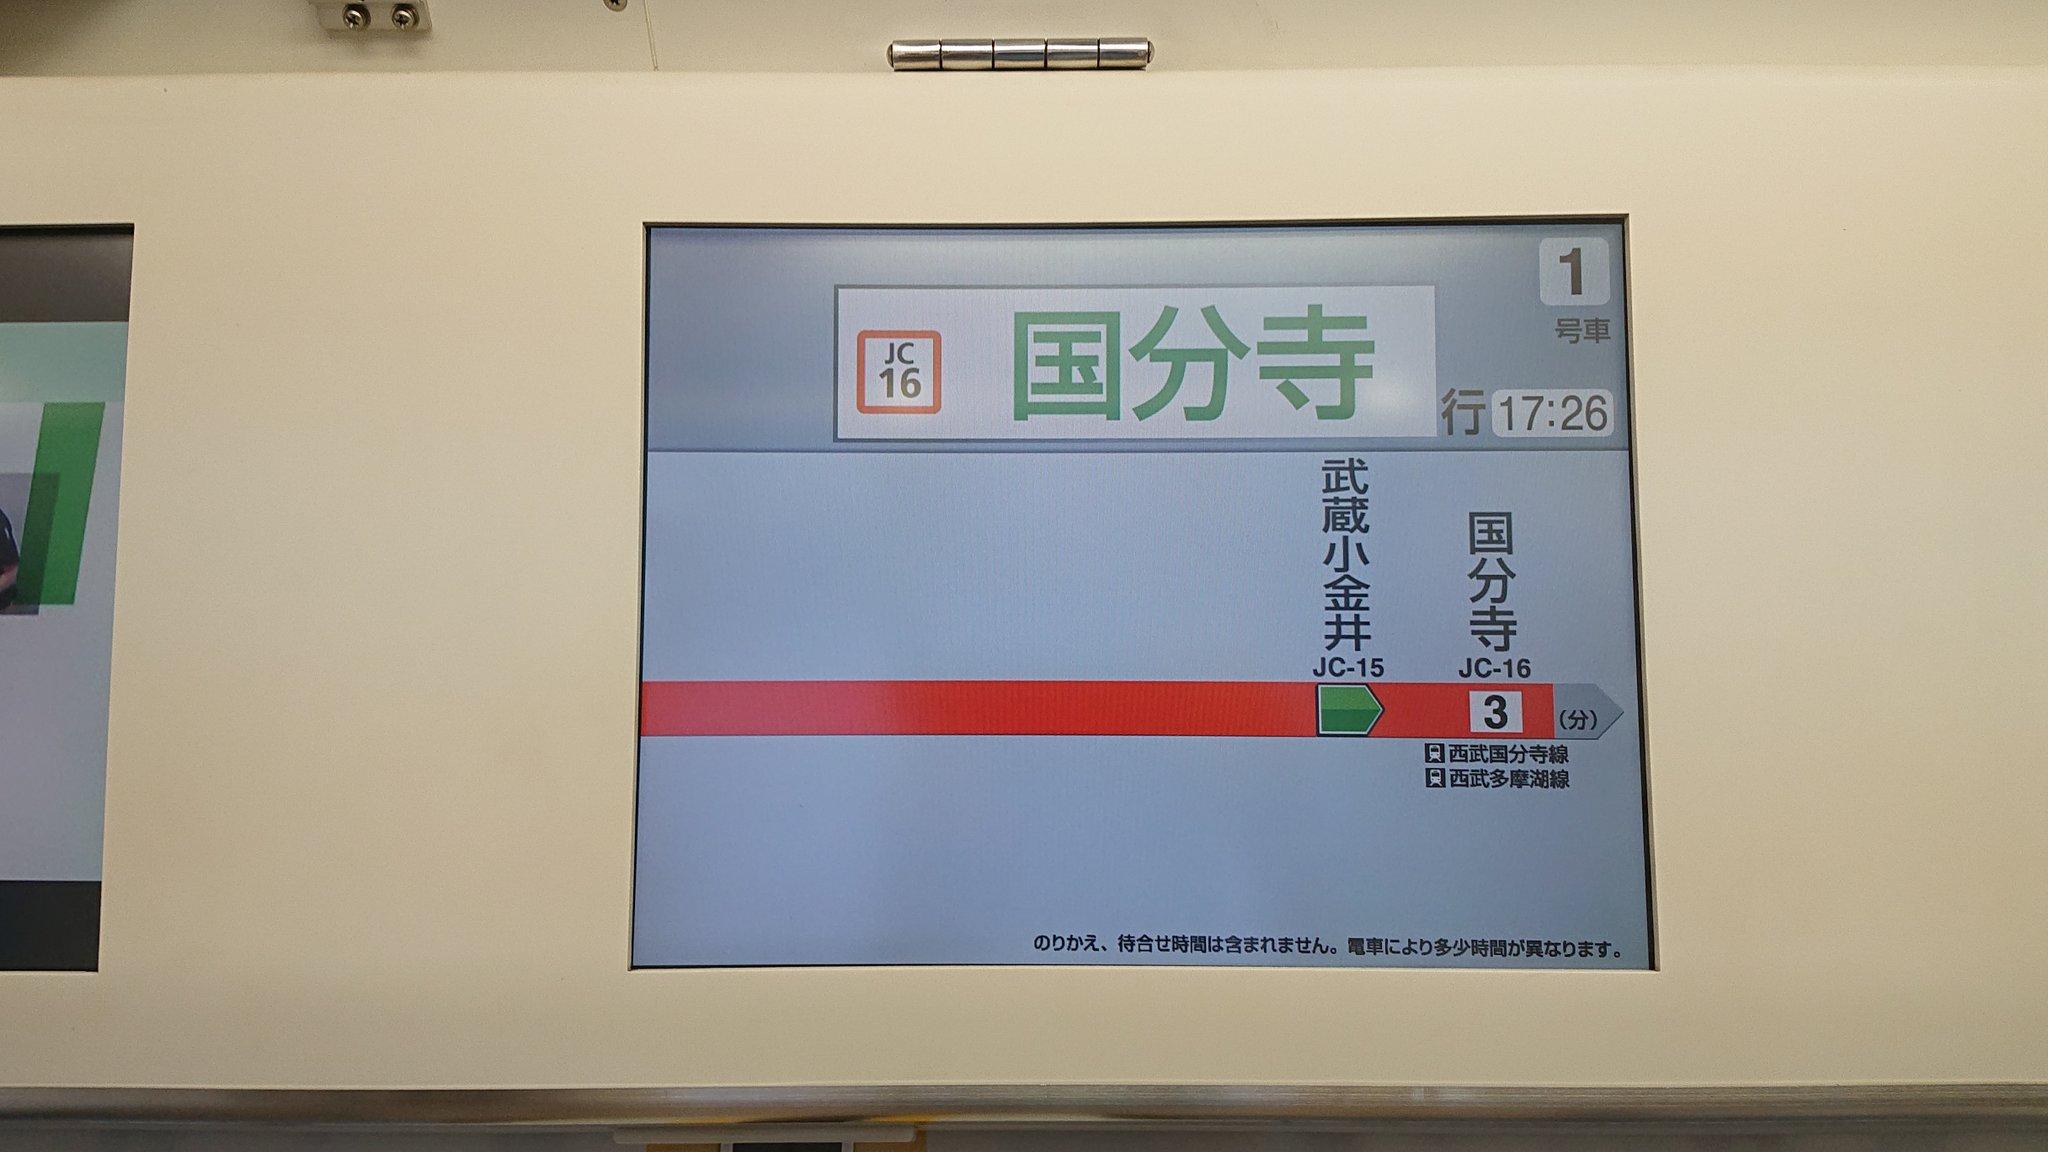 【1駅で終点】ダイヤ乱れで武蔵小金井発国分寺行が誕生 1駅しか走らない運用は定期列車でもあった